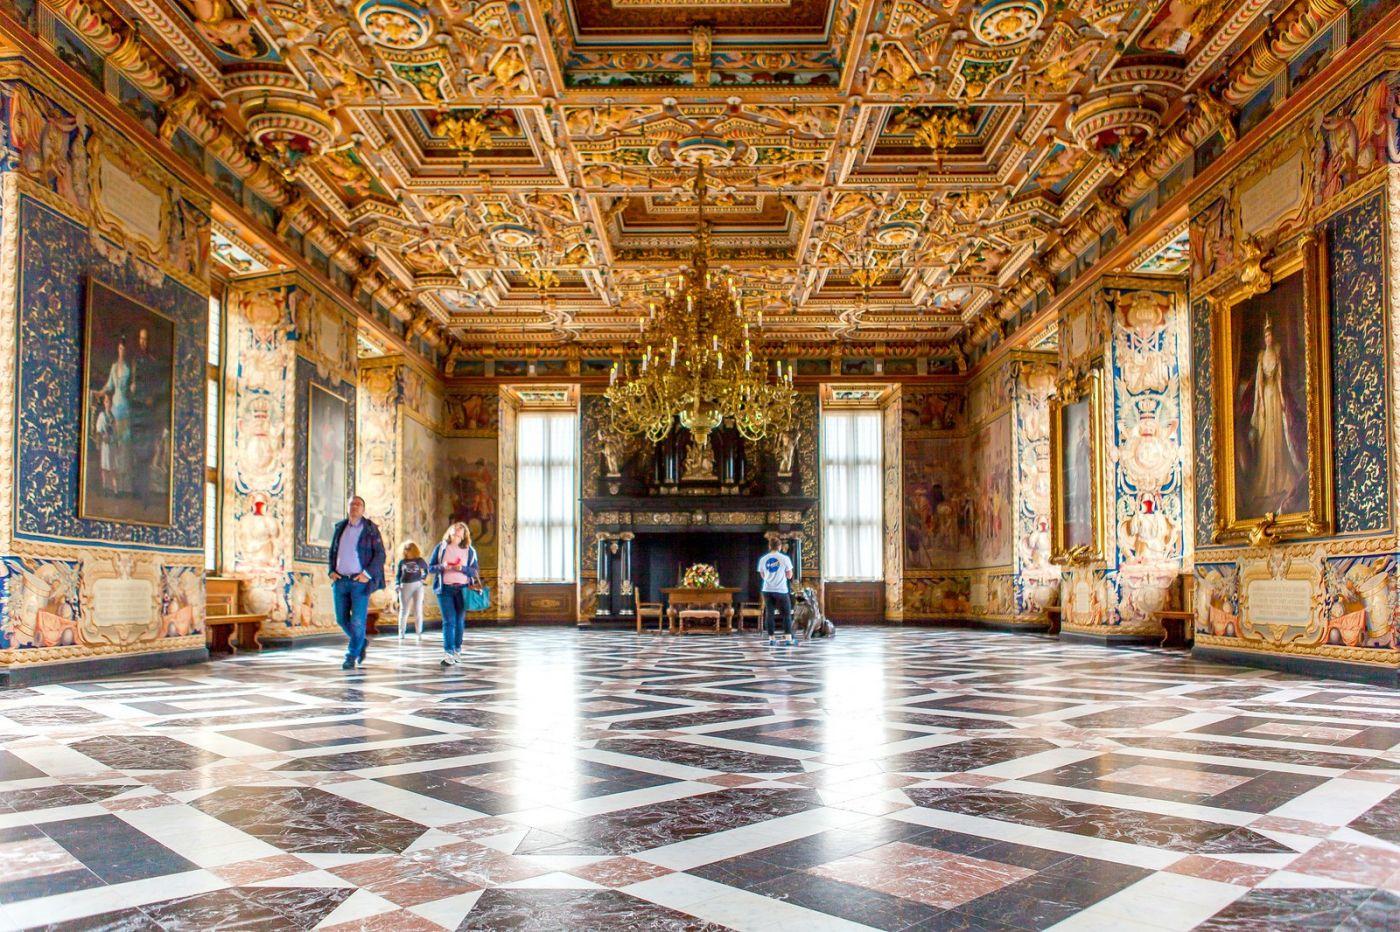 丹麦腓特烈堡城堡,金碧辉煌的大厅_图1-22